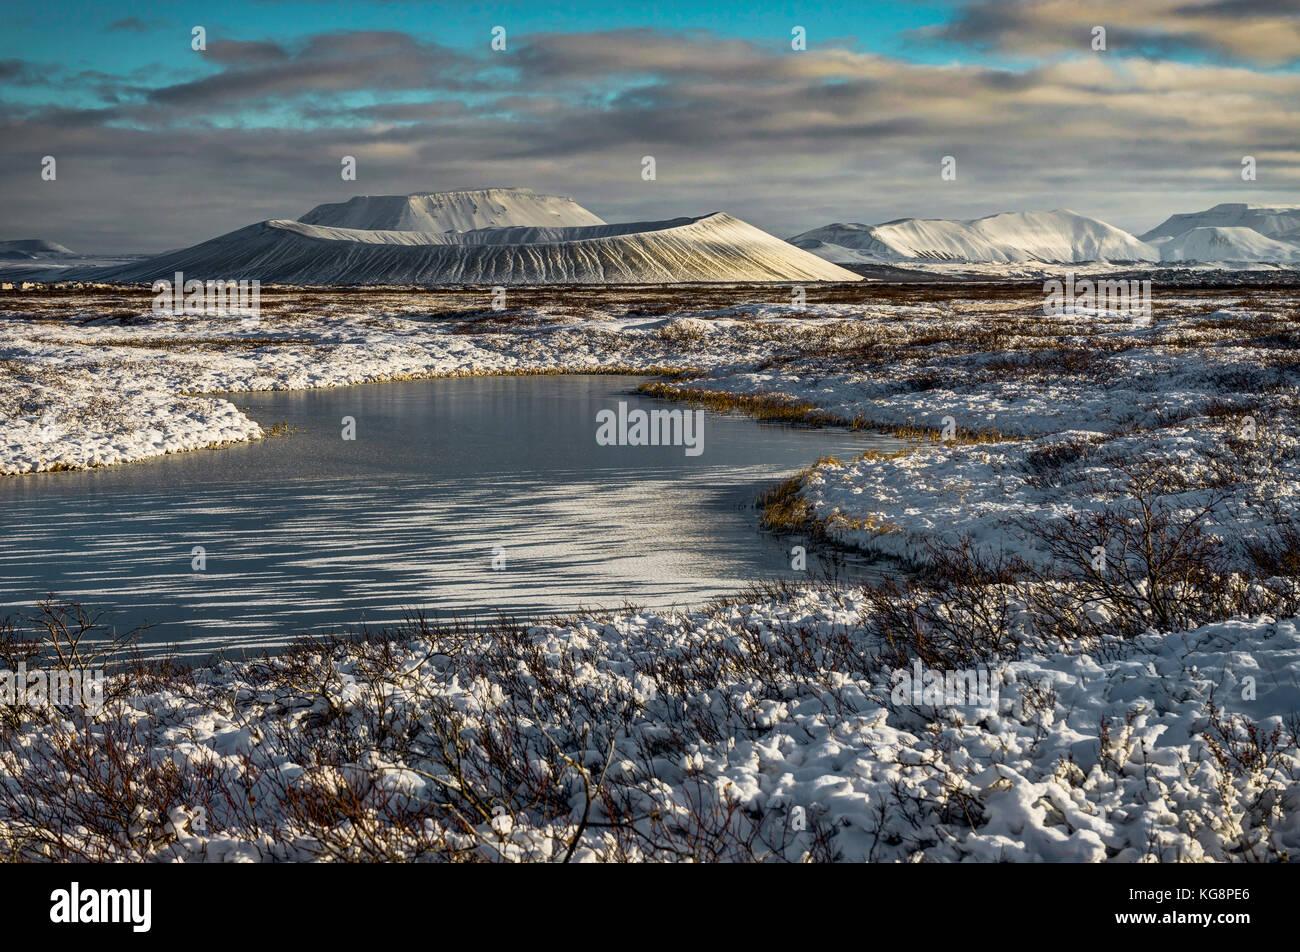 Paysage de Noël avec lac gelé avec Hverfjall enneigés Photo Stock